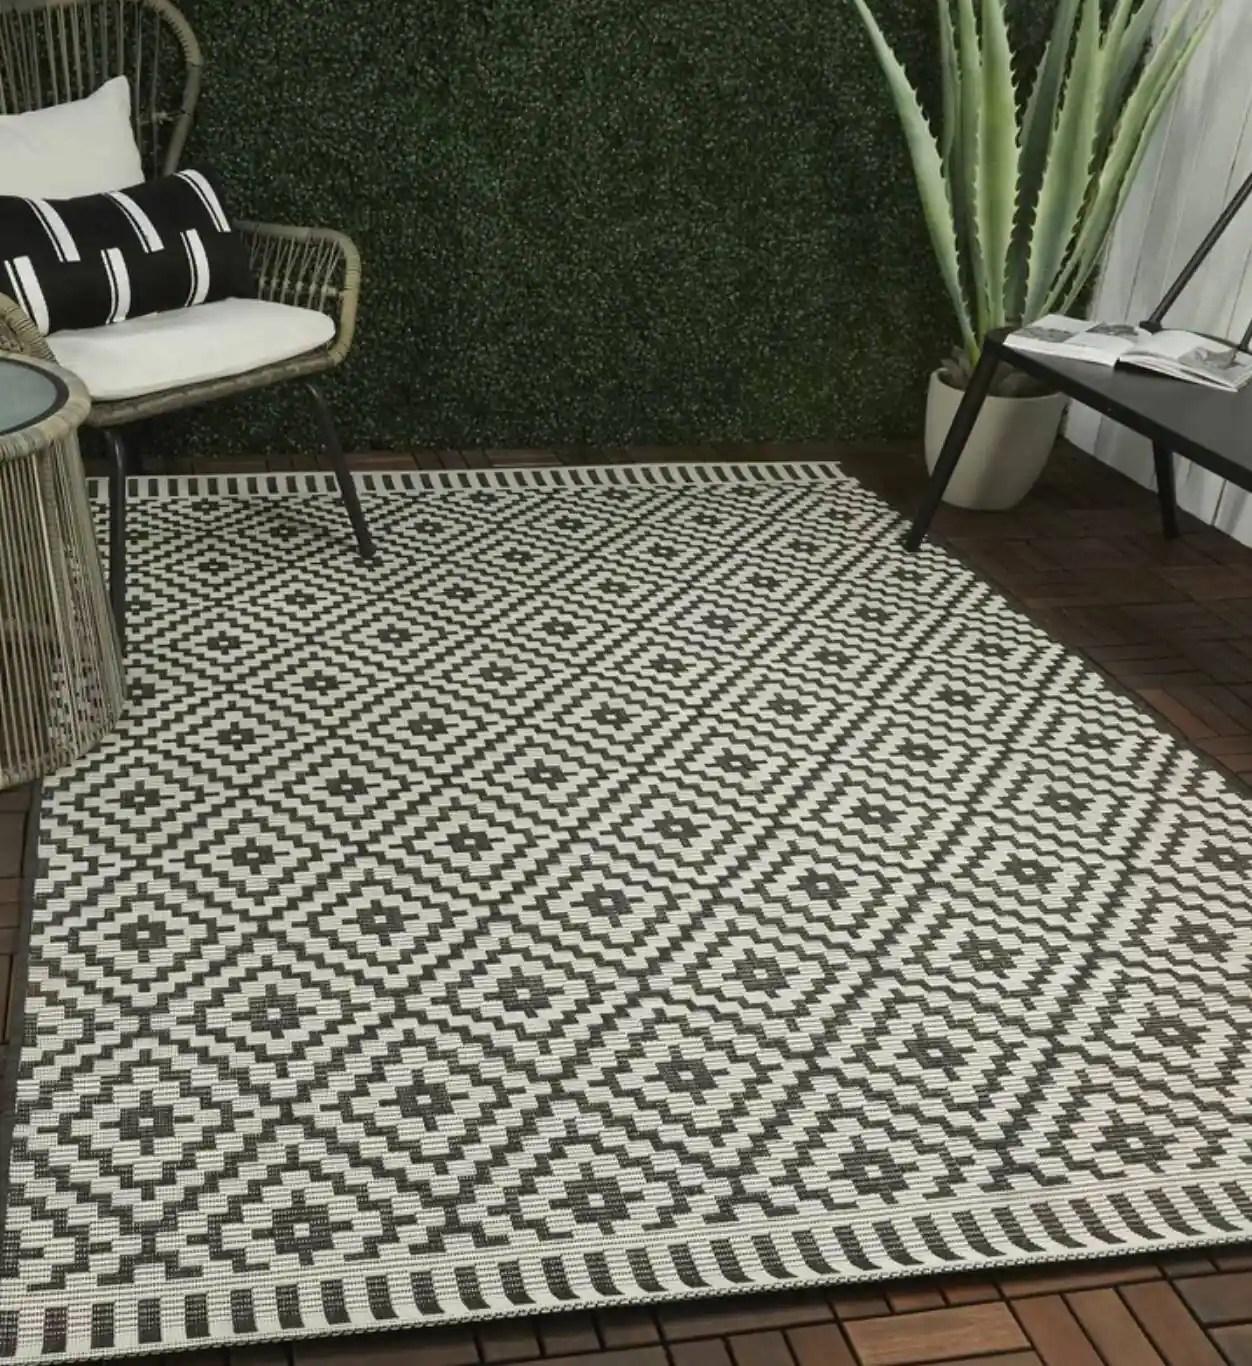 14 tapis d exterieur pour decorer votre